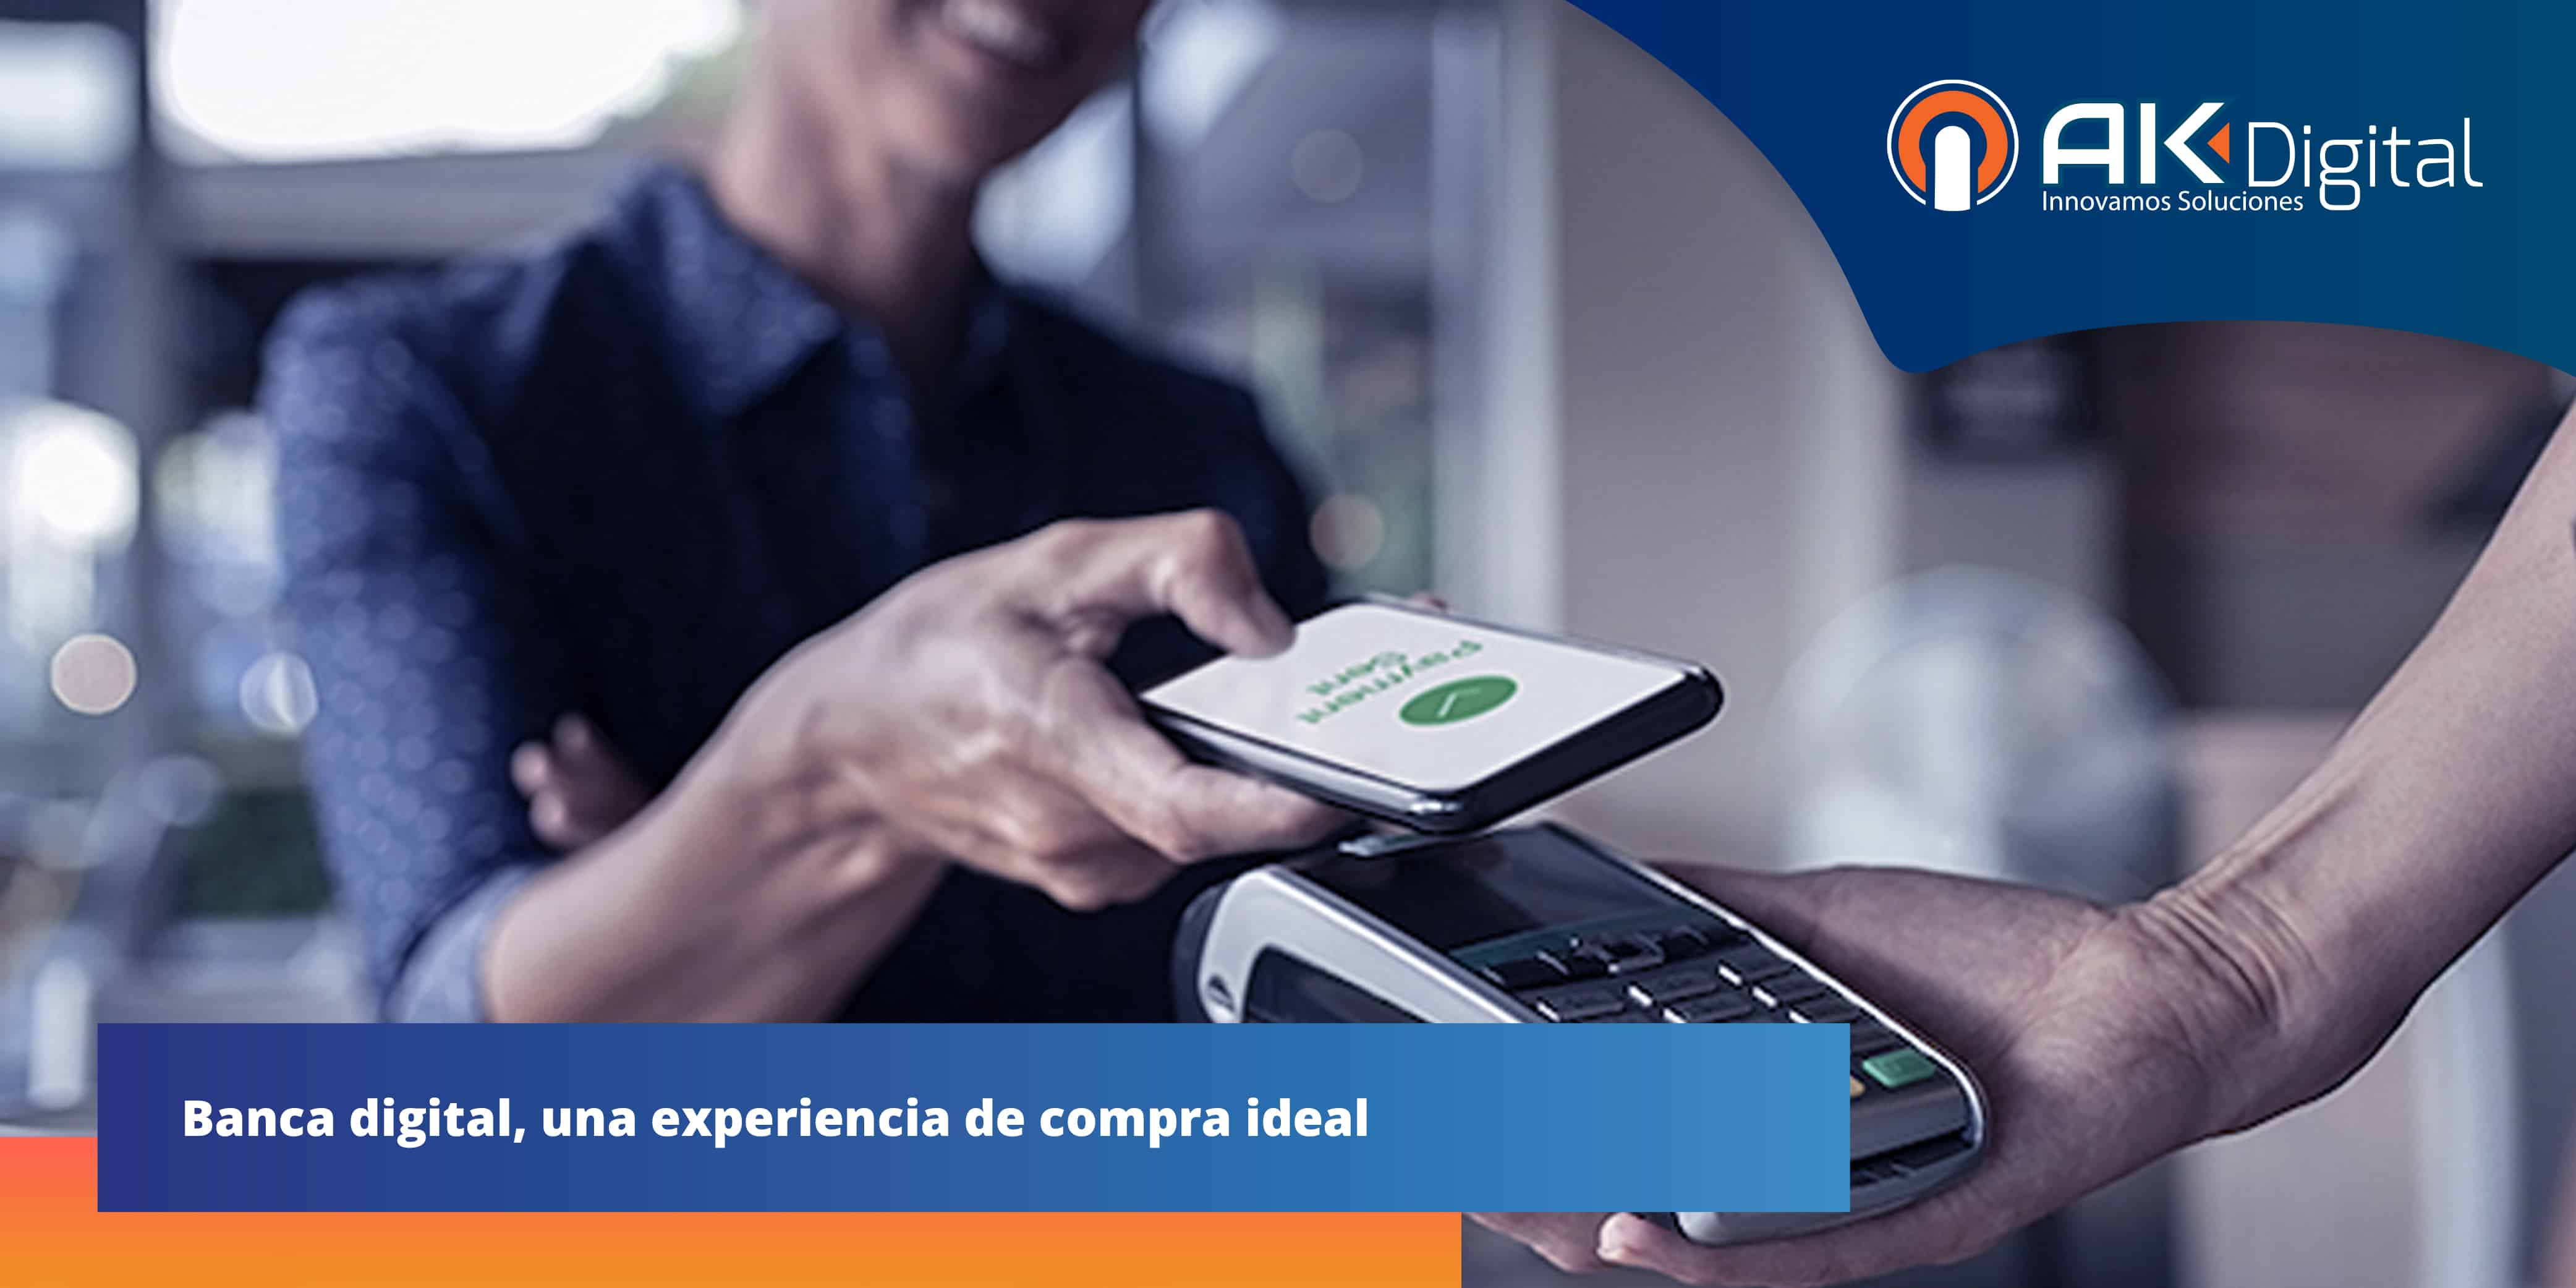 Transformación digital de la Banca, ¿cómo ayuda a mejorar la experiencia del cliente final?